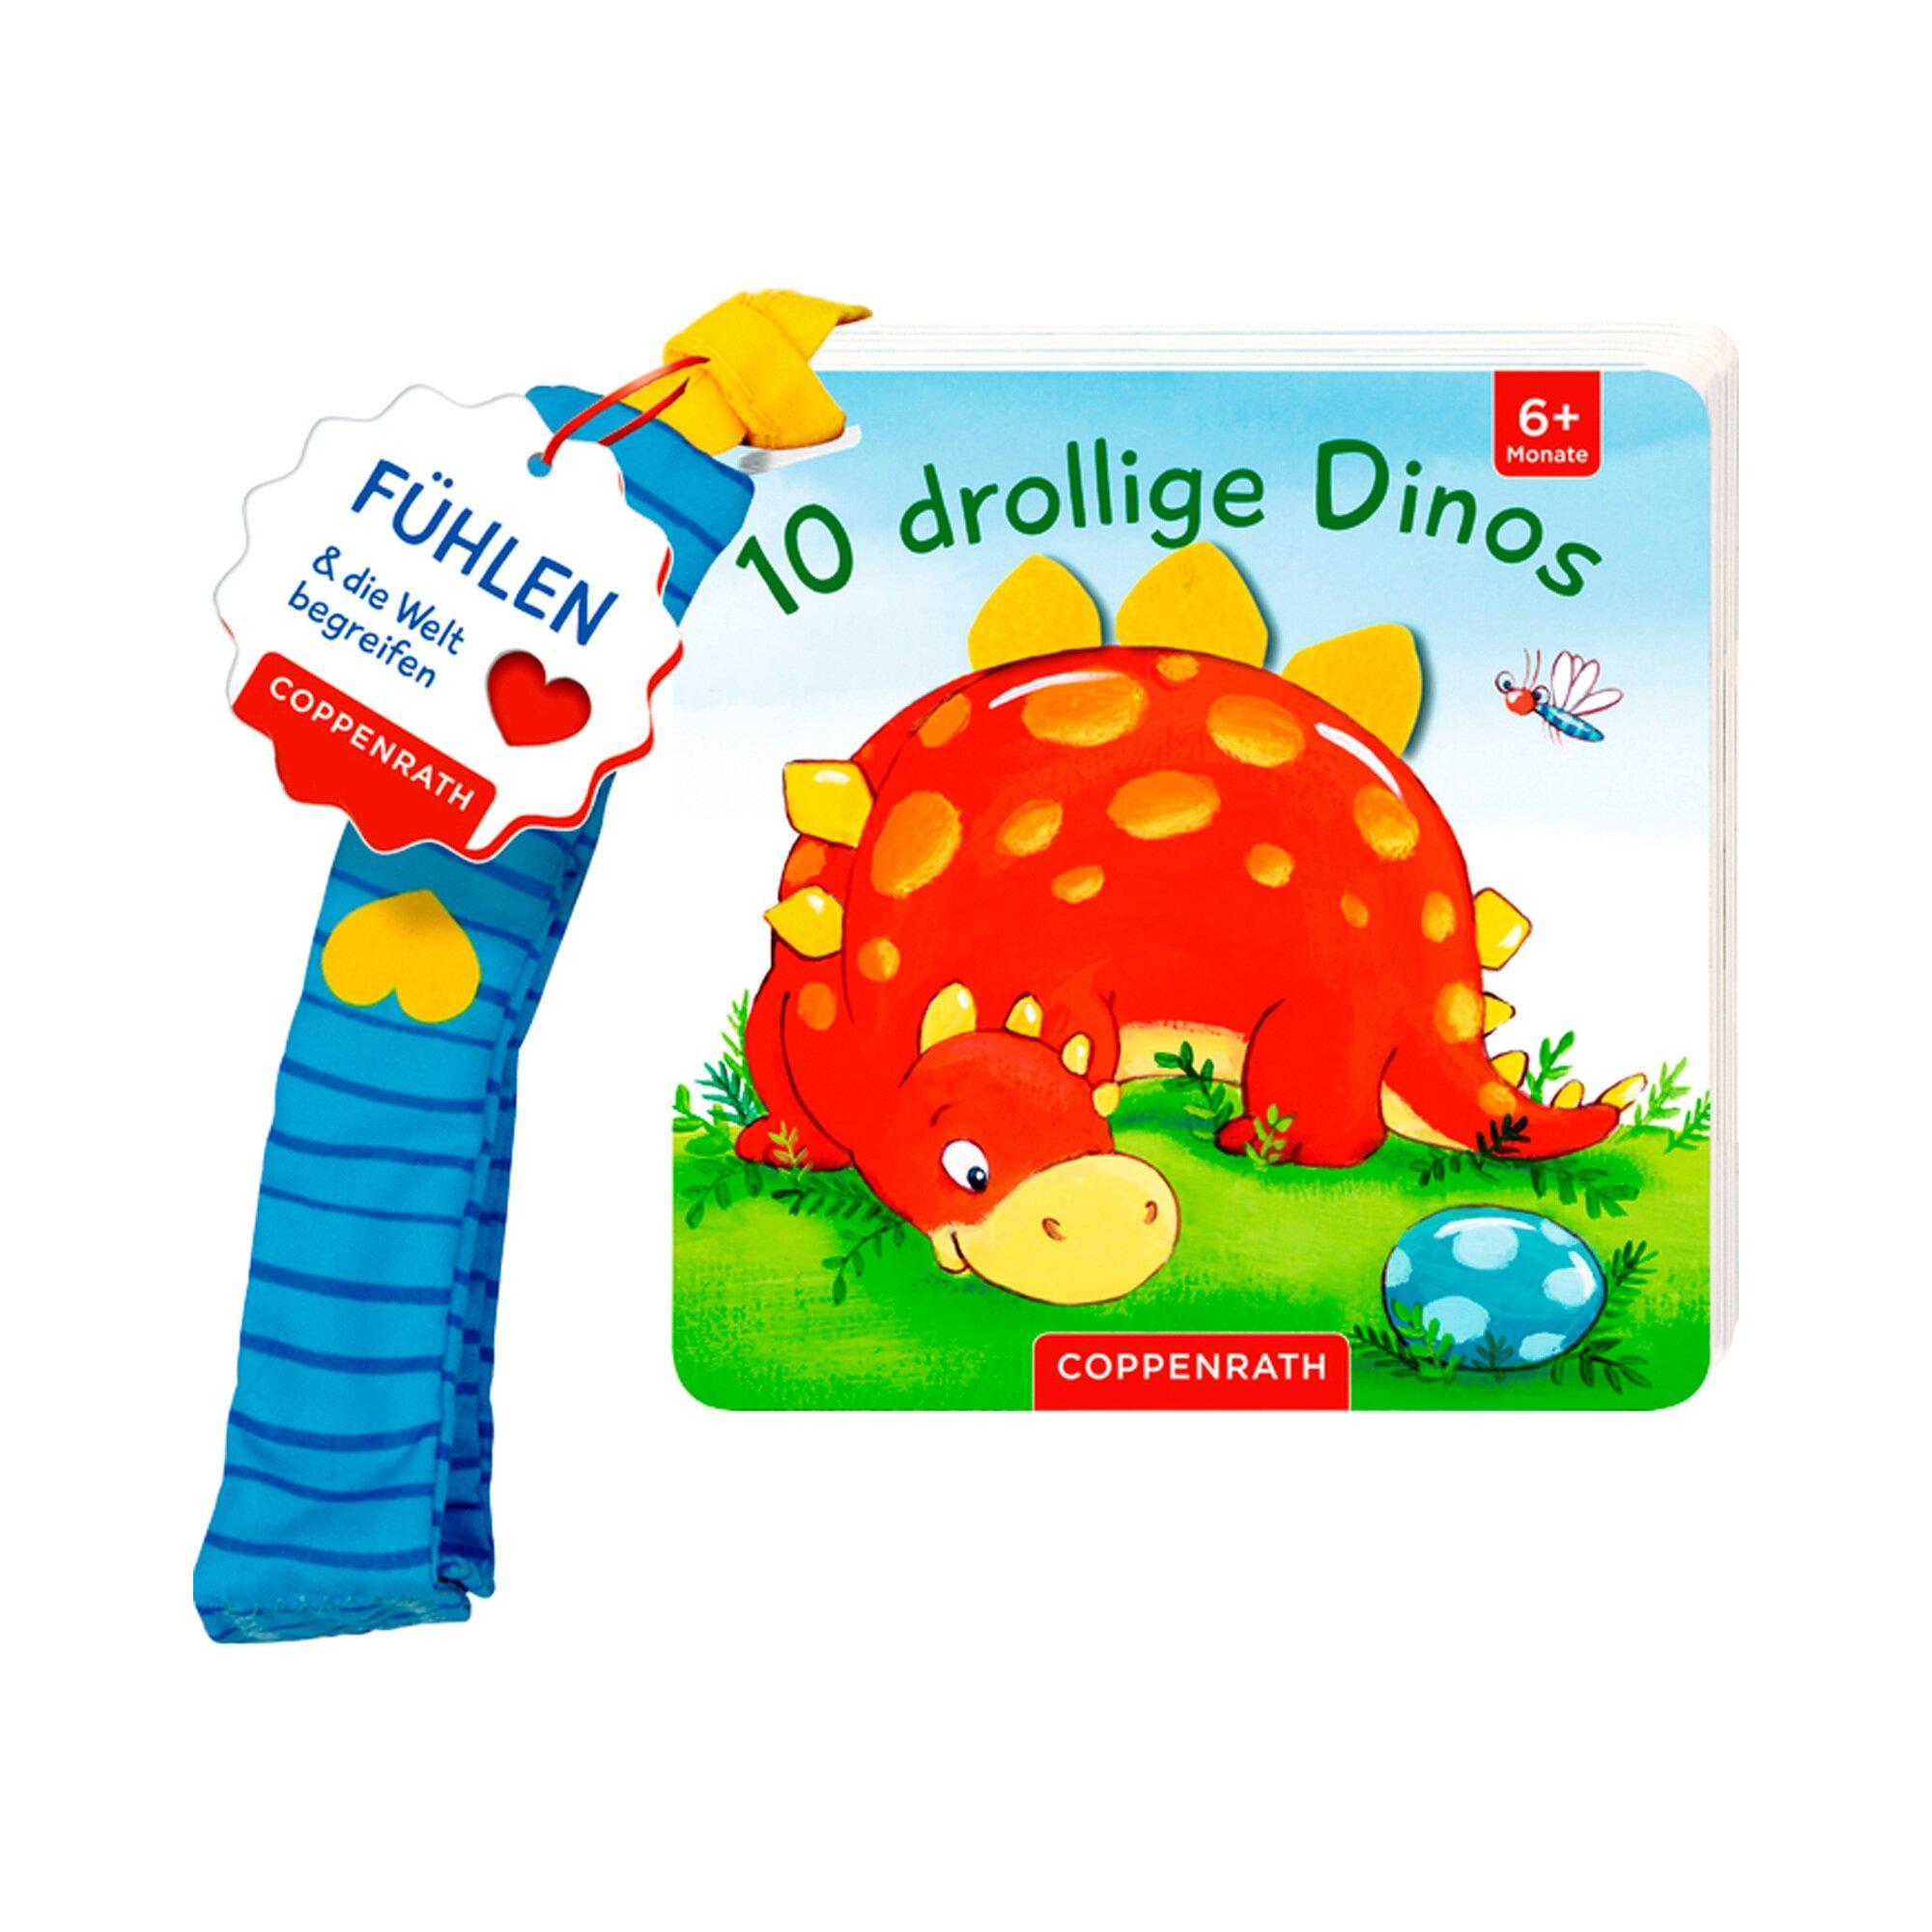 Coppenrath Die Spiegelburg Fühlbuch für den Buggy - 10 drollige Dinos